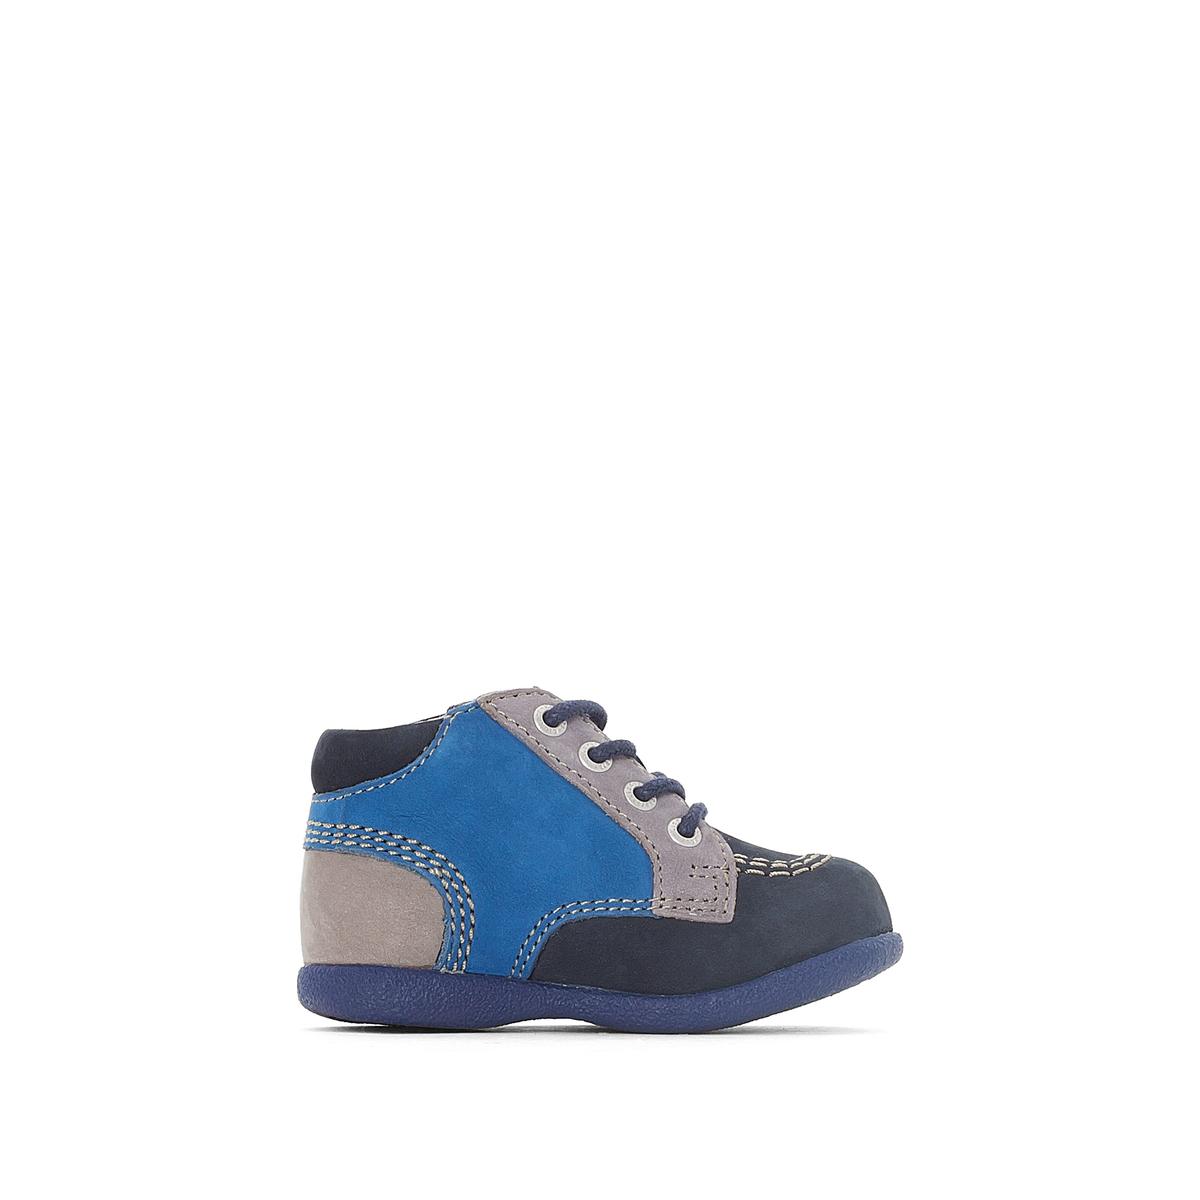 Ботильоны кожаные BABYSTANОписание:Детали  •  Застежка : шнуровка •  Круглый мысок •  Велюровая отделка, нубукСостав и уход  •  Верх 100% нубук •  Подкладка 100% спилок •  Стелька 100% спилок •  Подошва 100% каучук<br><br>Цвет: темно-синий/ синий